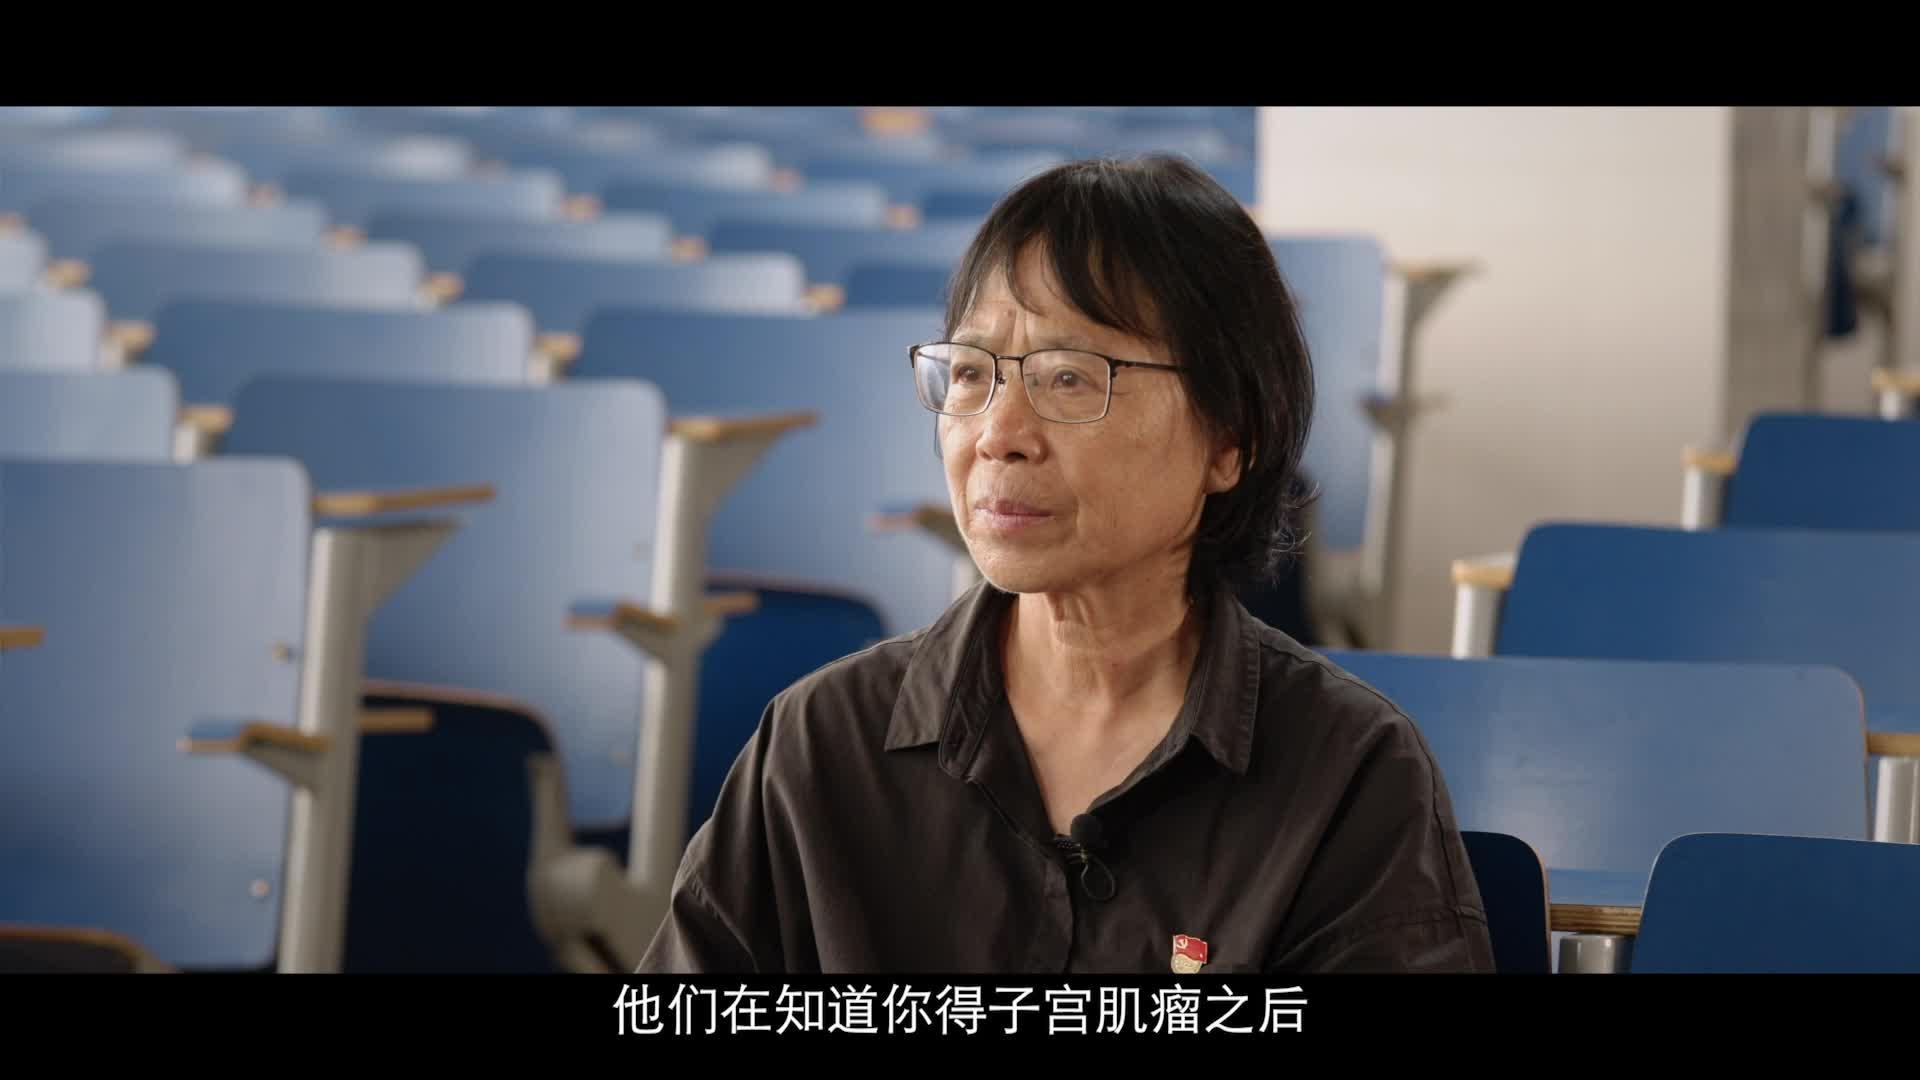 双向感动!张桂梅追回辍学学生 自己生病时收到华坪人民车费捐赠